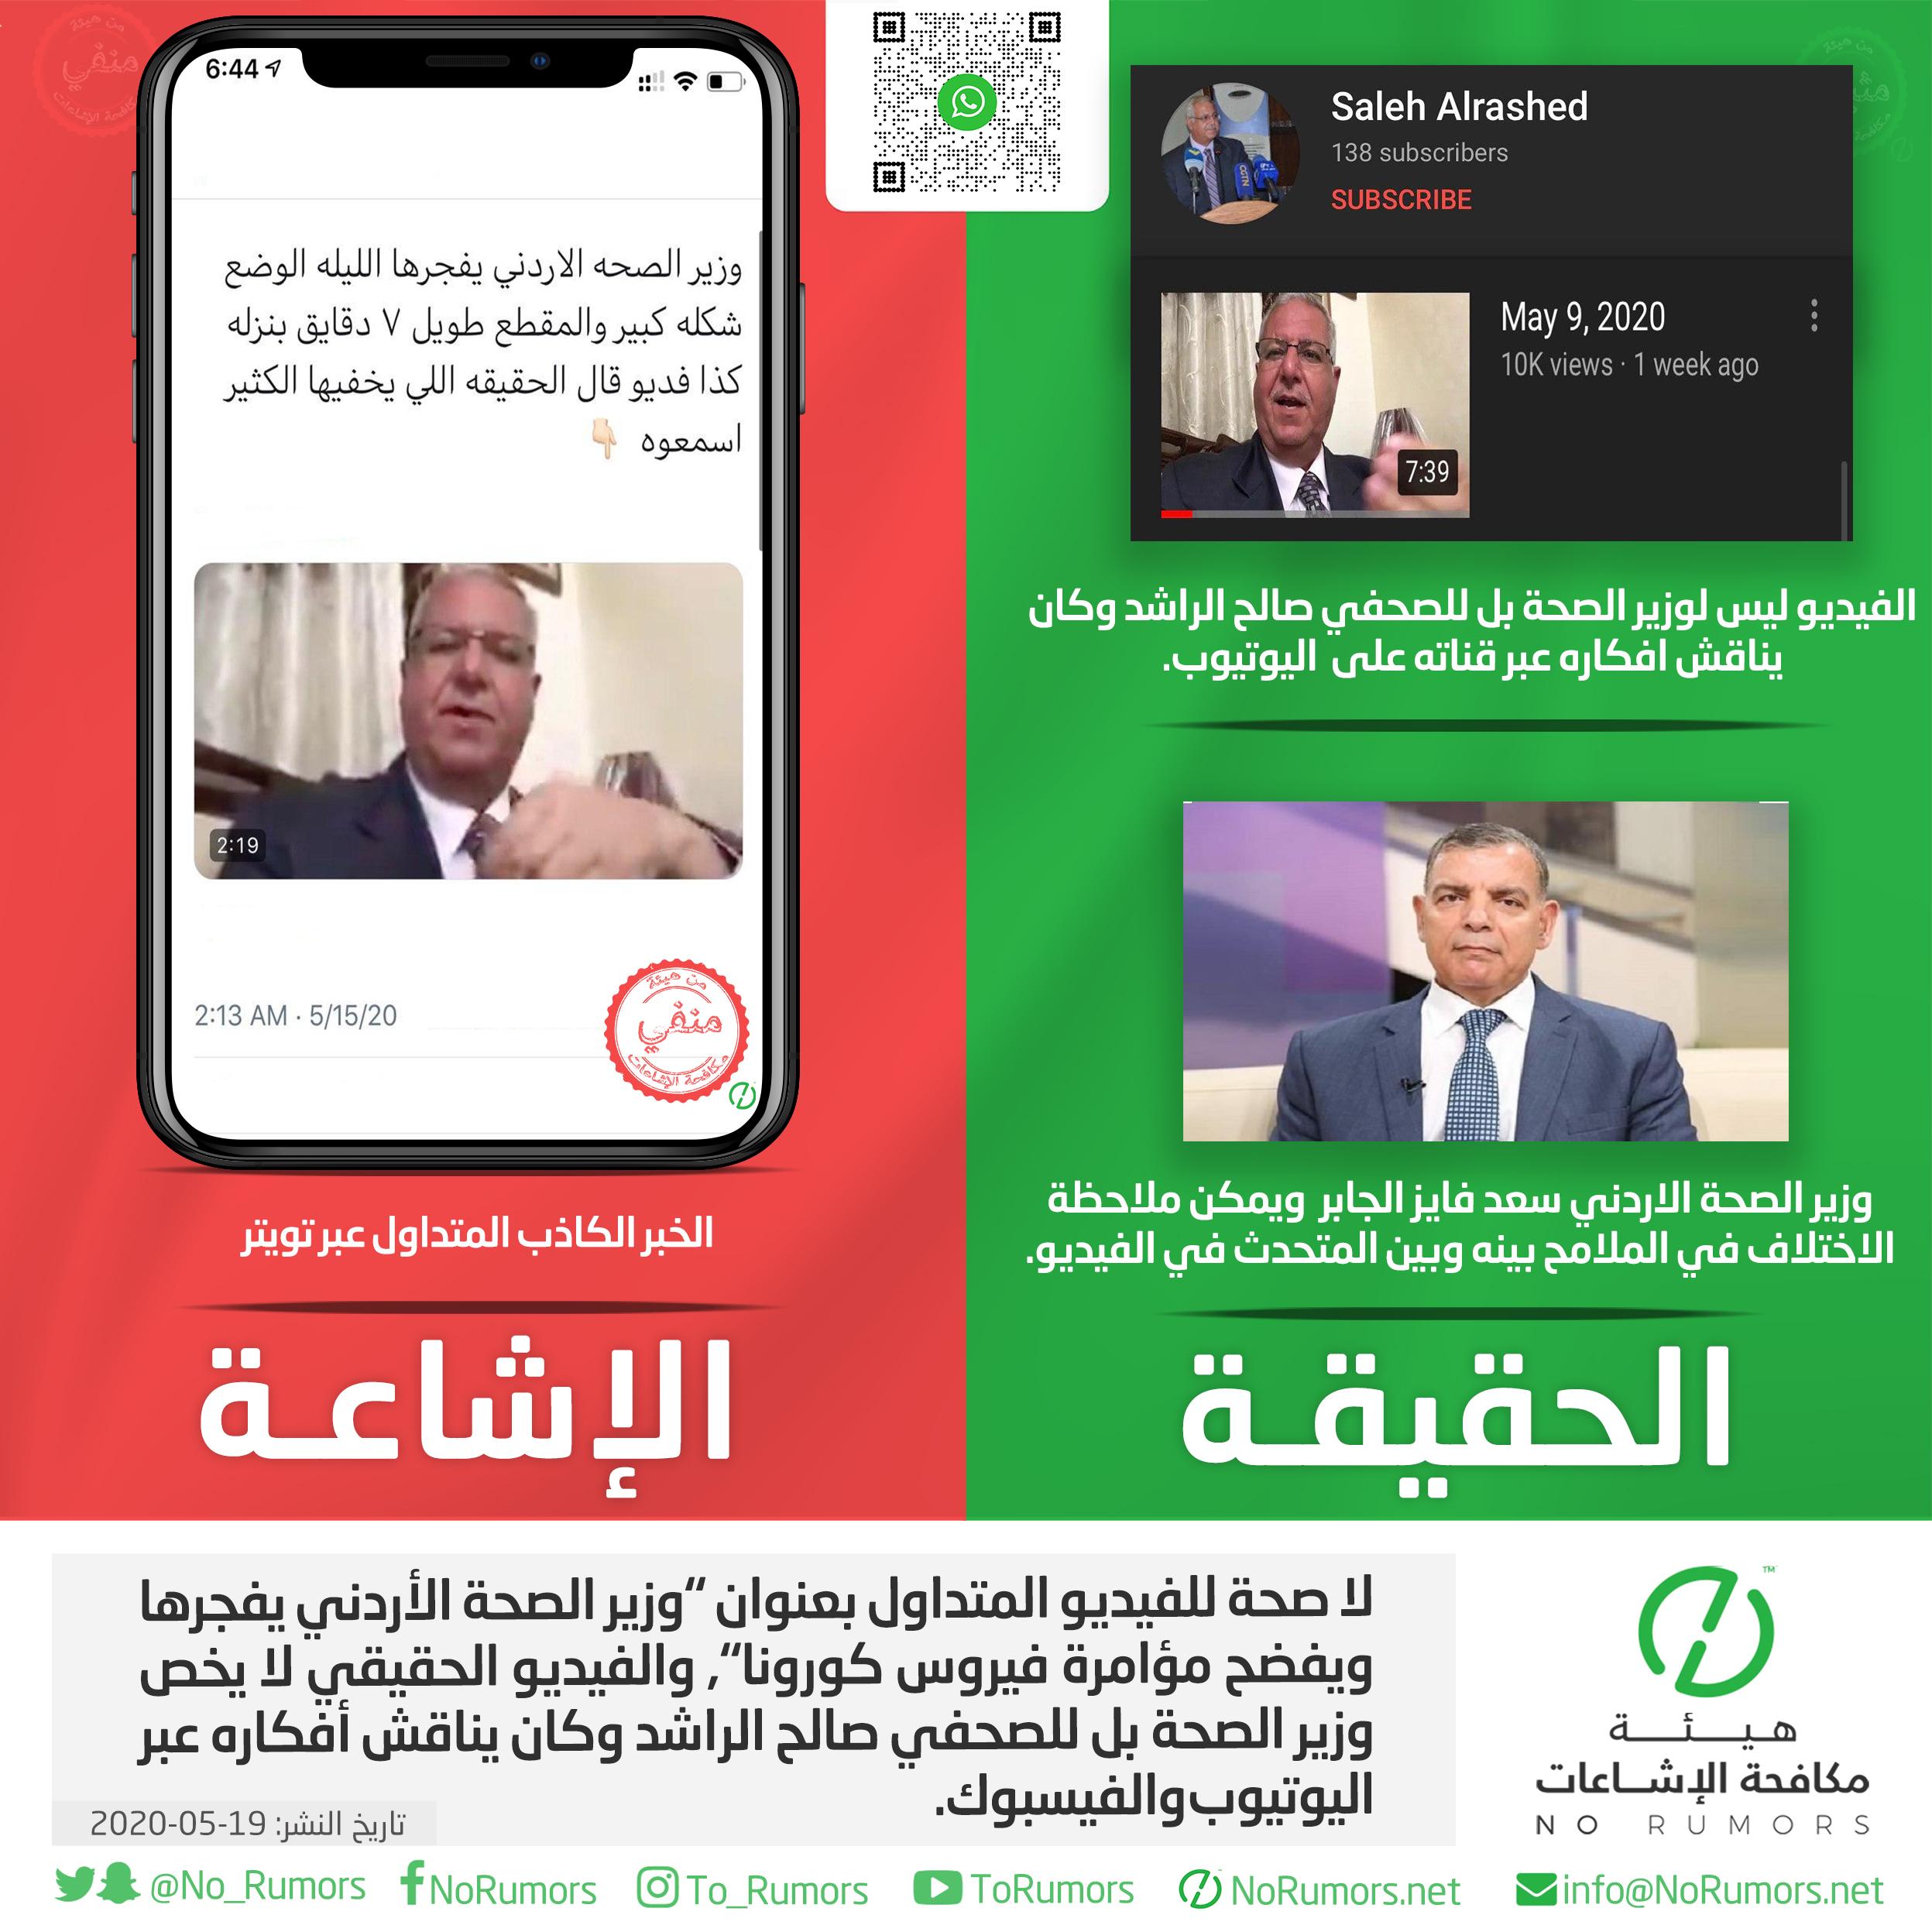 """حقيقة الفيديو المتداول بعنوان """"وزير الصحة الأردني يفجرها ويفضح مؤامرة فيروس كورونا"""""""